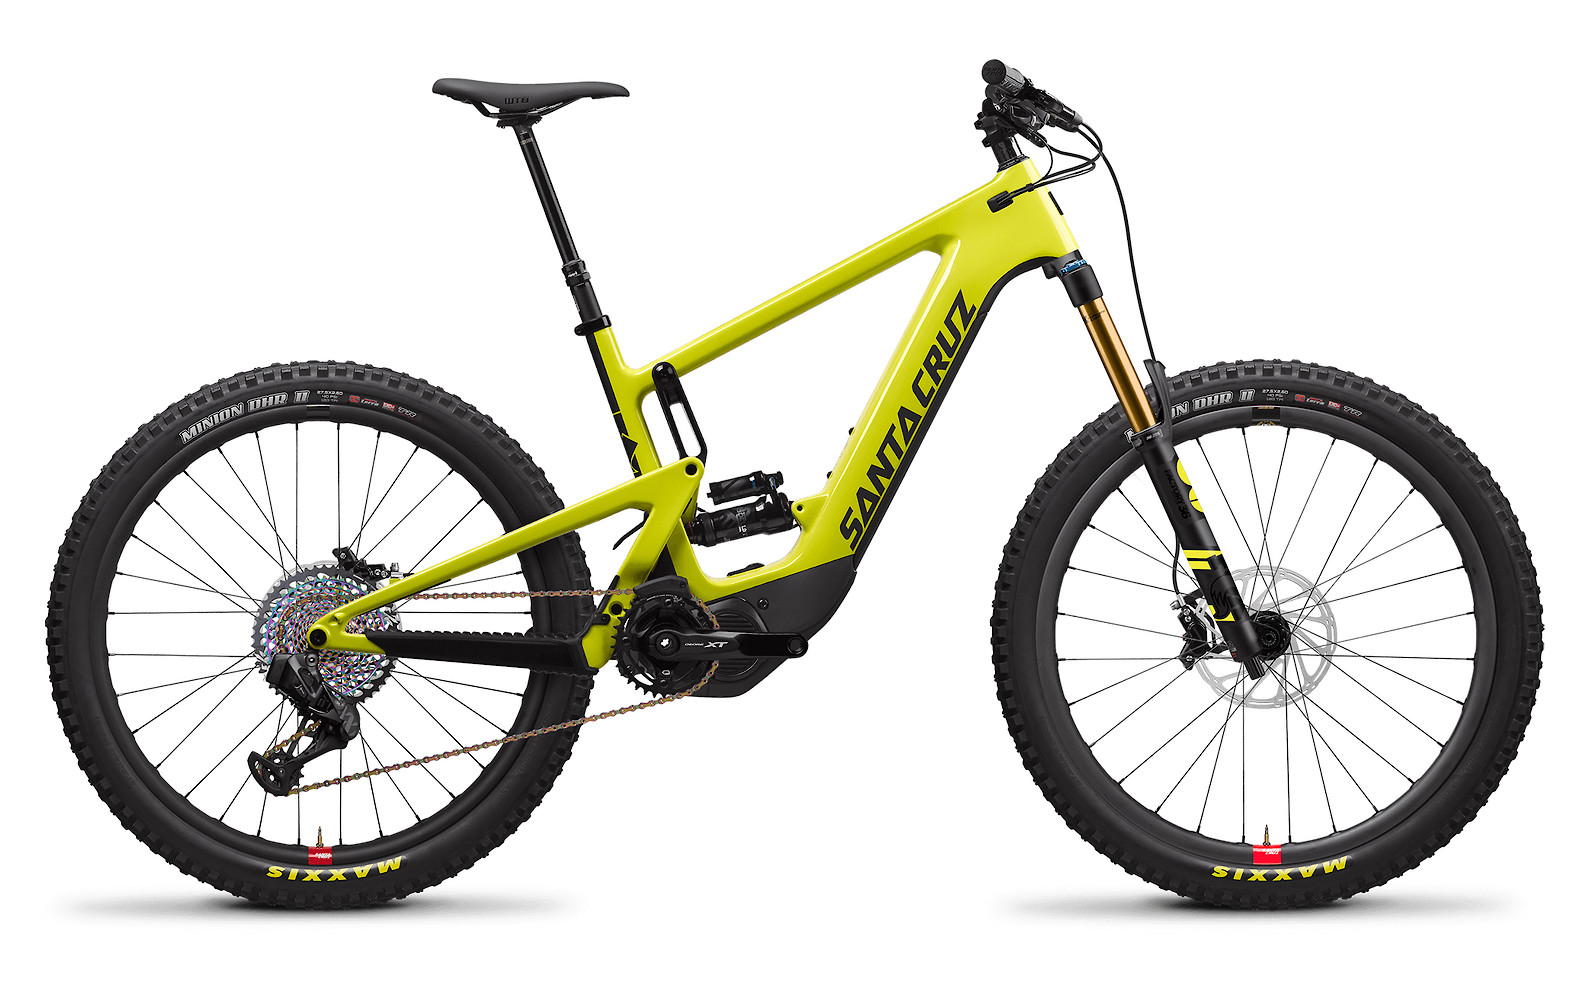 2020 Santa Cruz Heckler Carbon CC XX1 AXS RSV (Yellowjacket and Black)